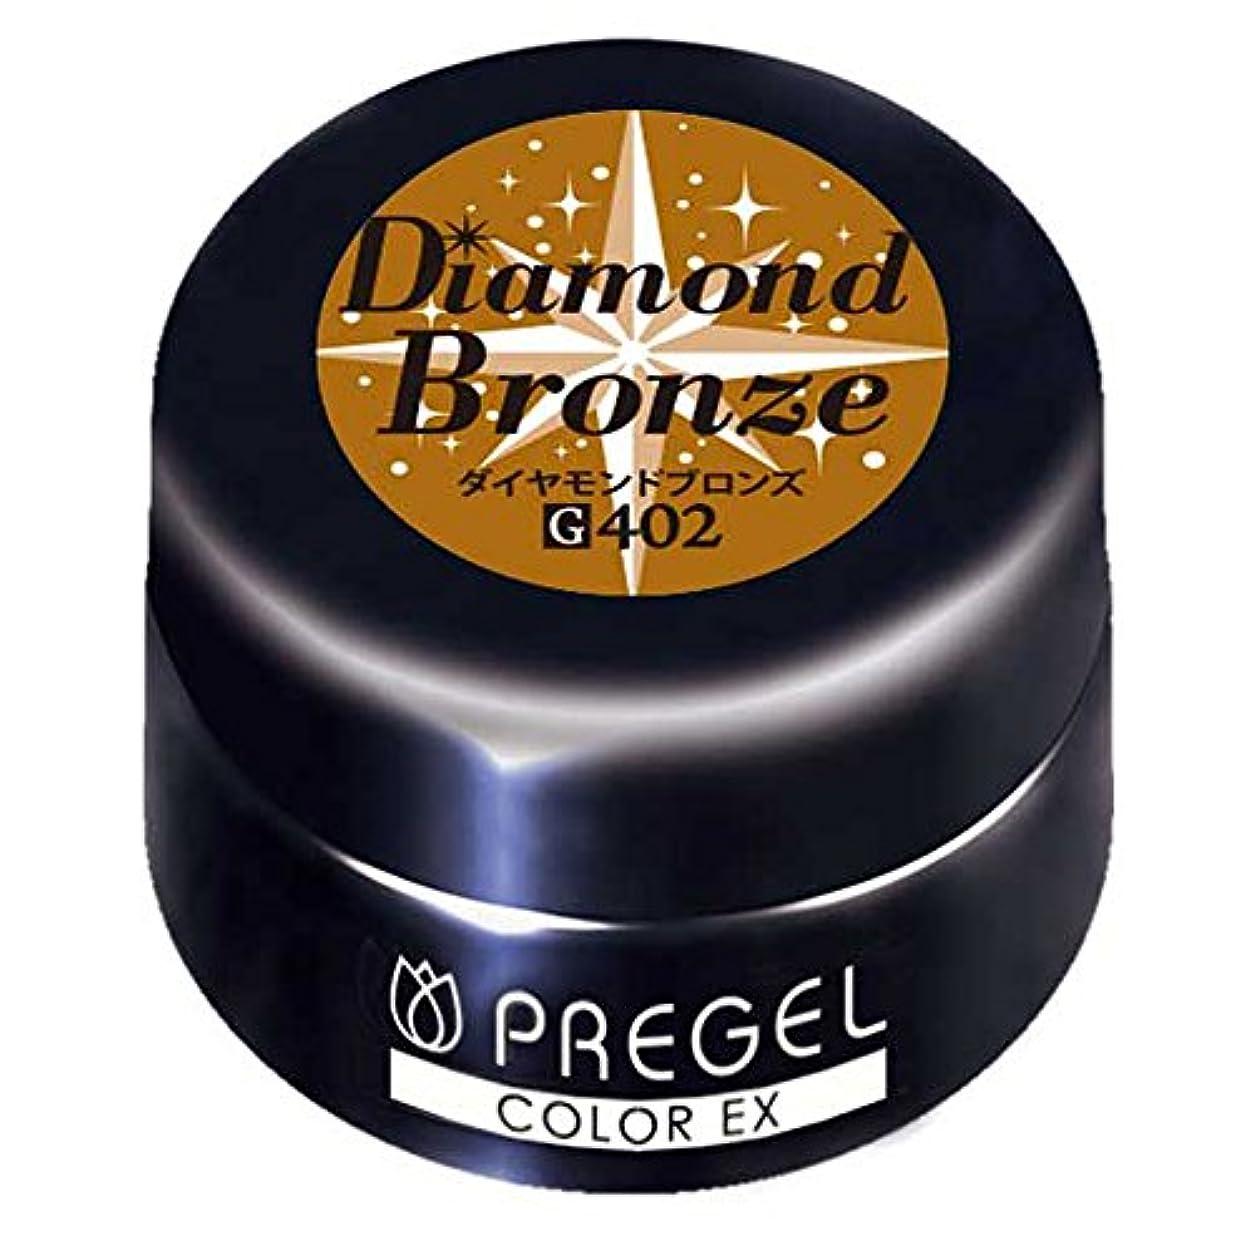 責めビジネス優れたPRE GEL カラーEX ダイヤモンドブロンズCE402 UV/LED対応 カラージェル